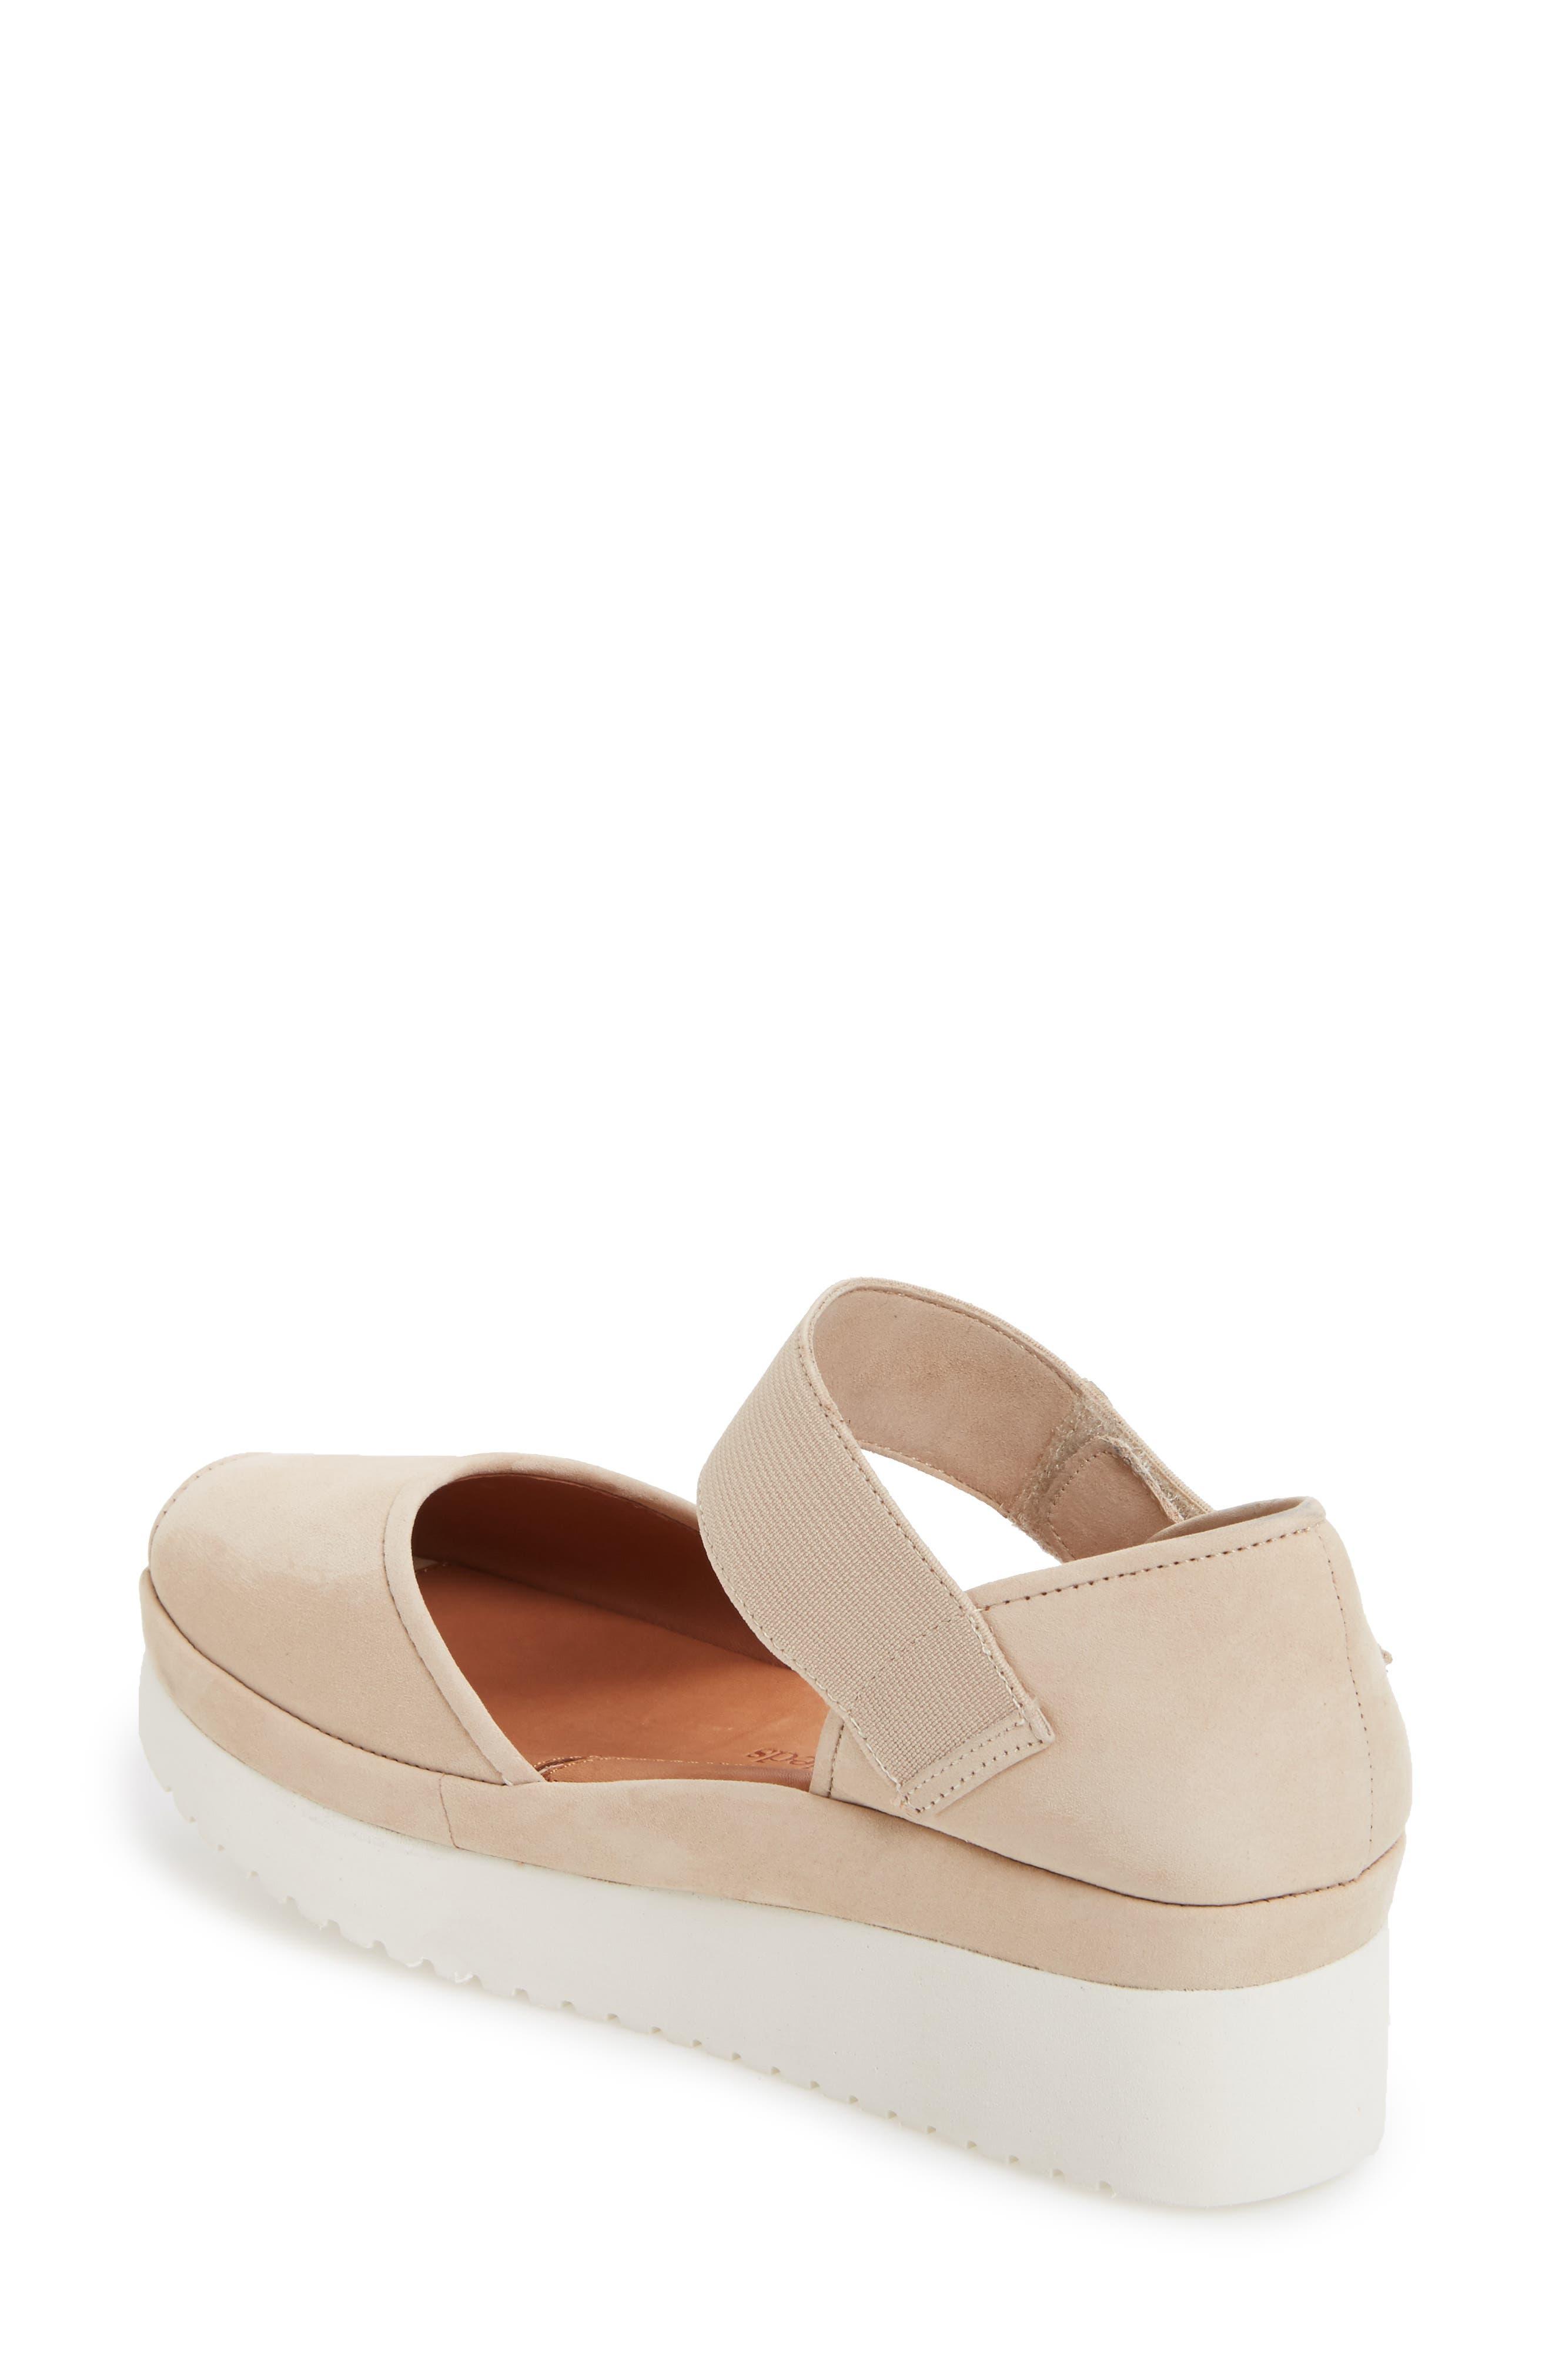 Alternate Image 2  - L'Amour des Pieds 'Amadour' Platform Sandal (Women)